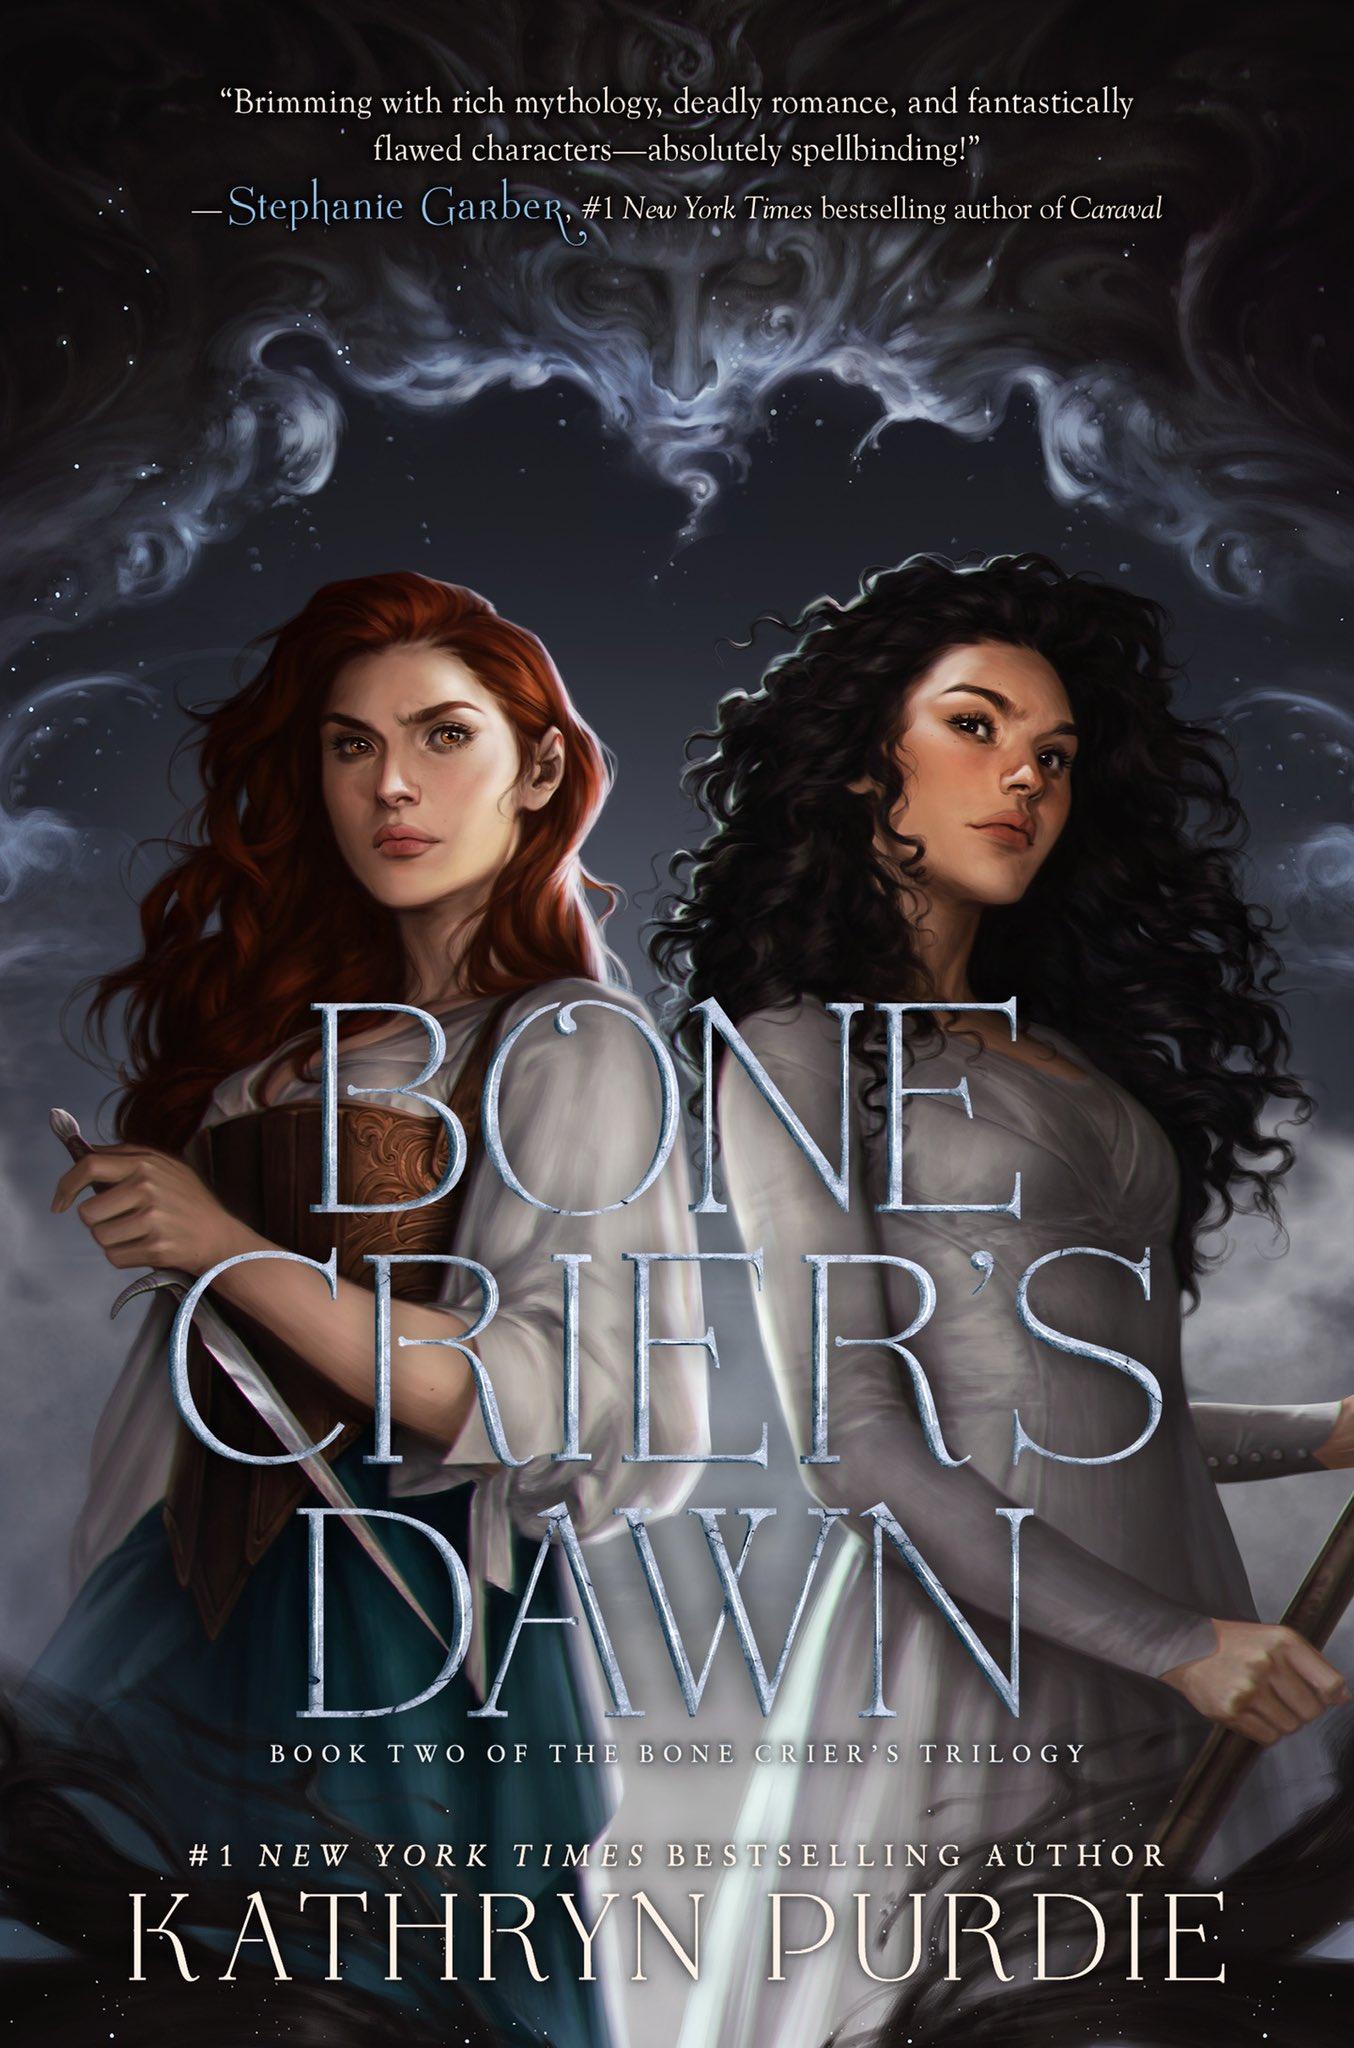 Bone Crier's Dawn by Kathryn Purdie